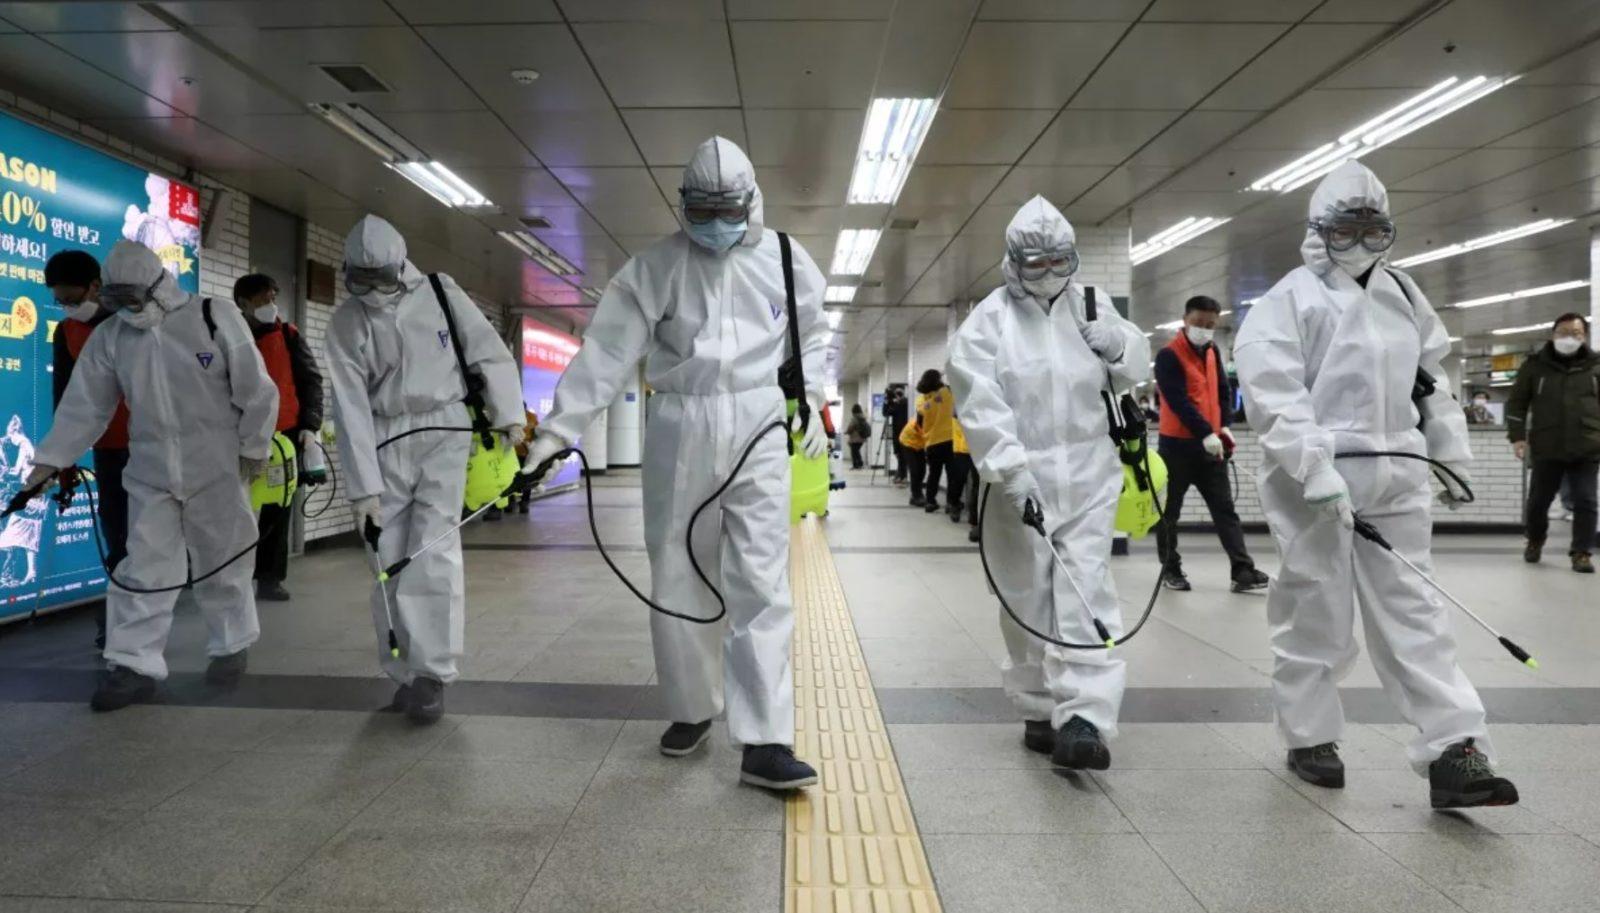 Когда закончится пандемия коронавируса в 2021 году: прогнозы вирусологов